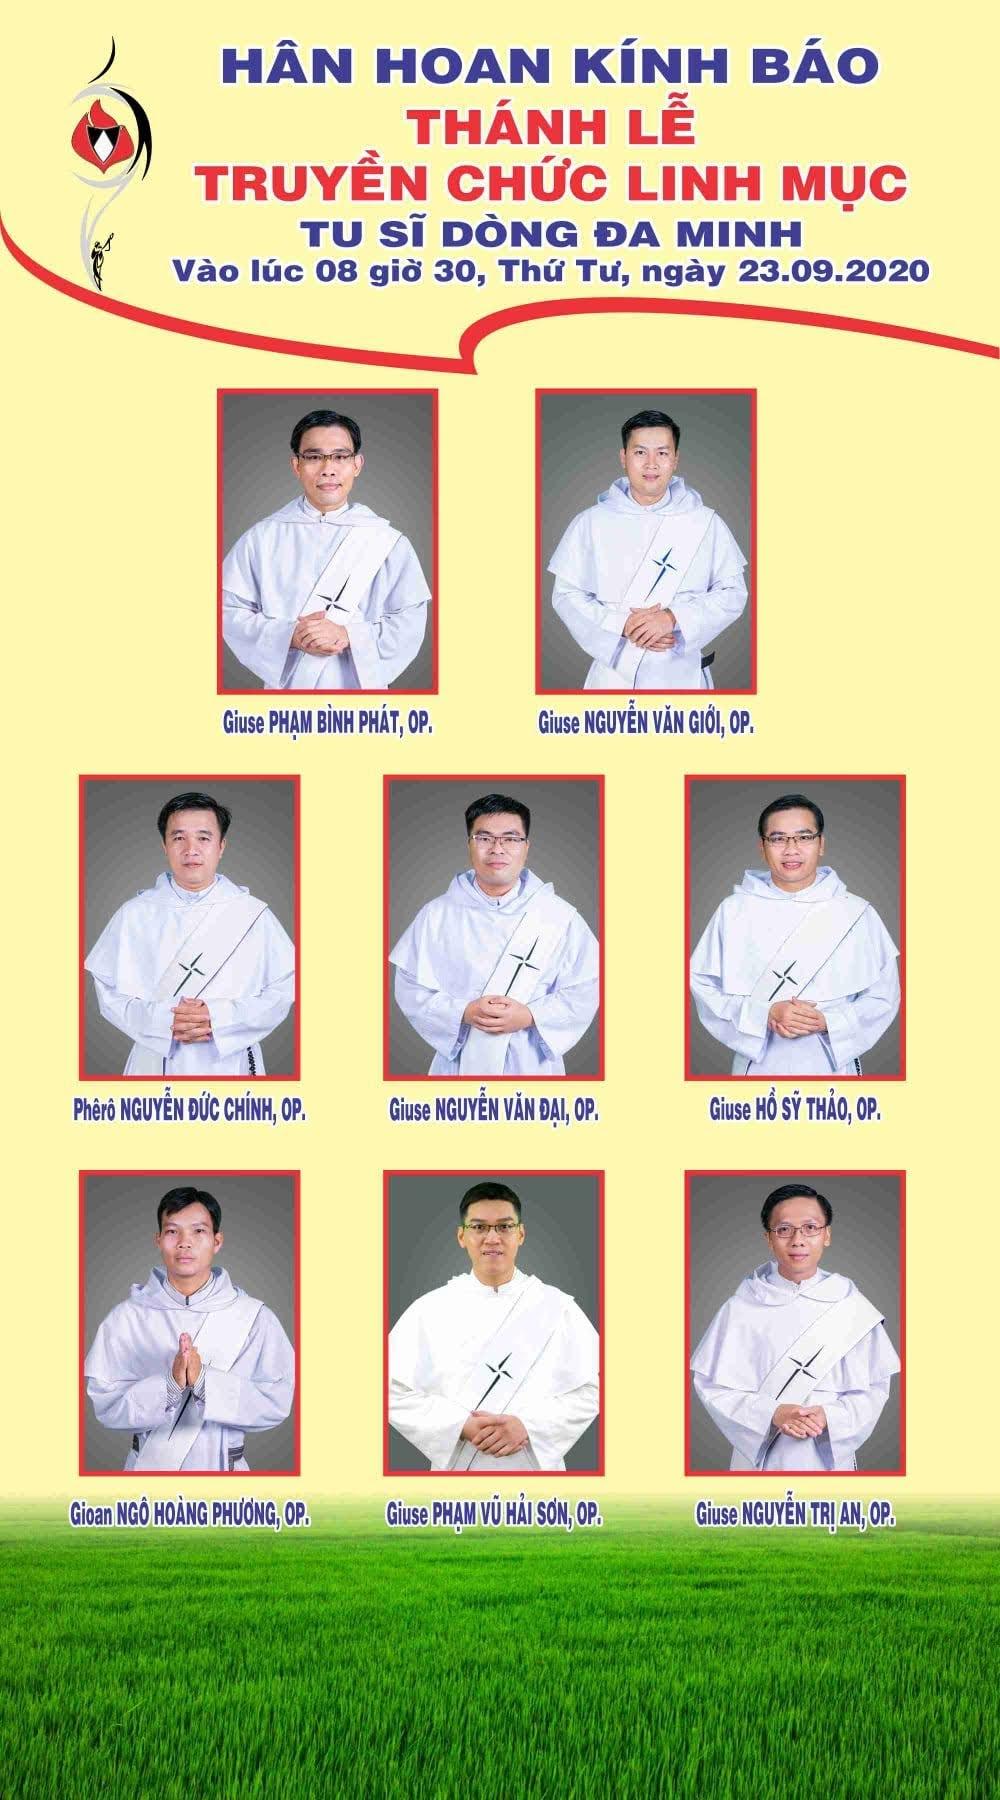 Thông báo: Truyền chức linh mục Dòng Đa Minh 2020